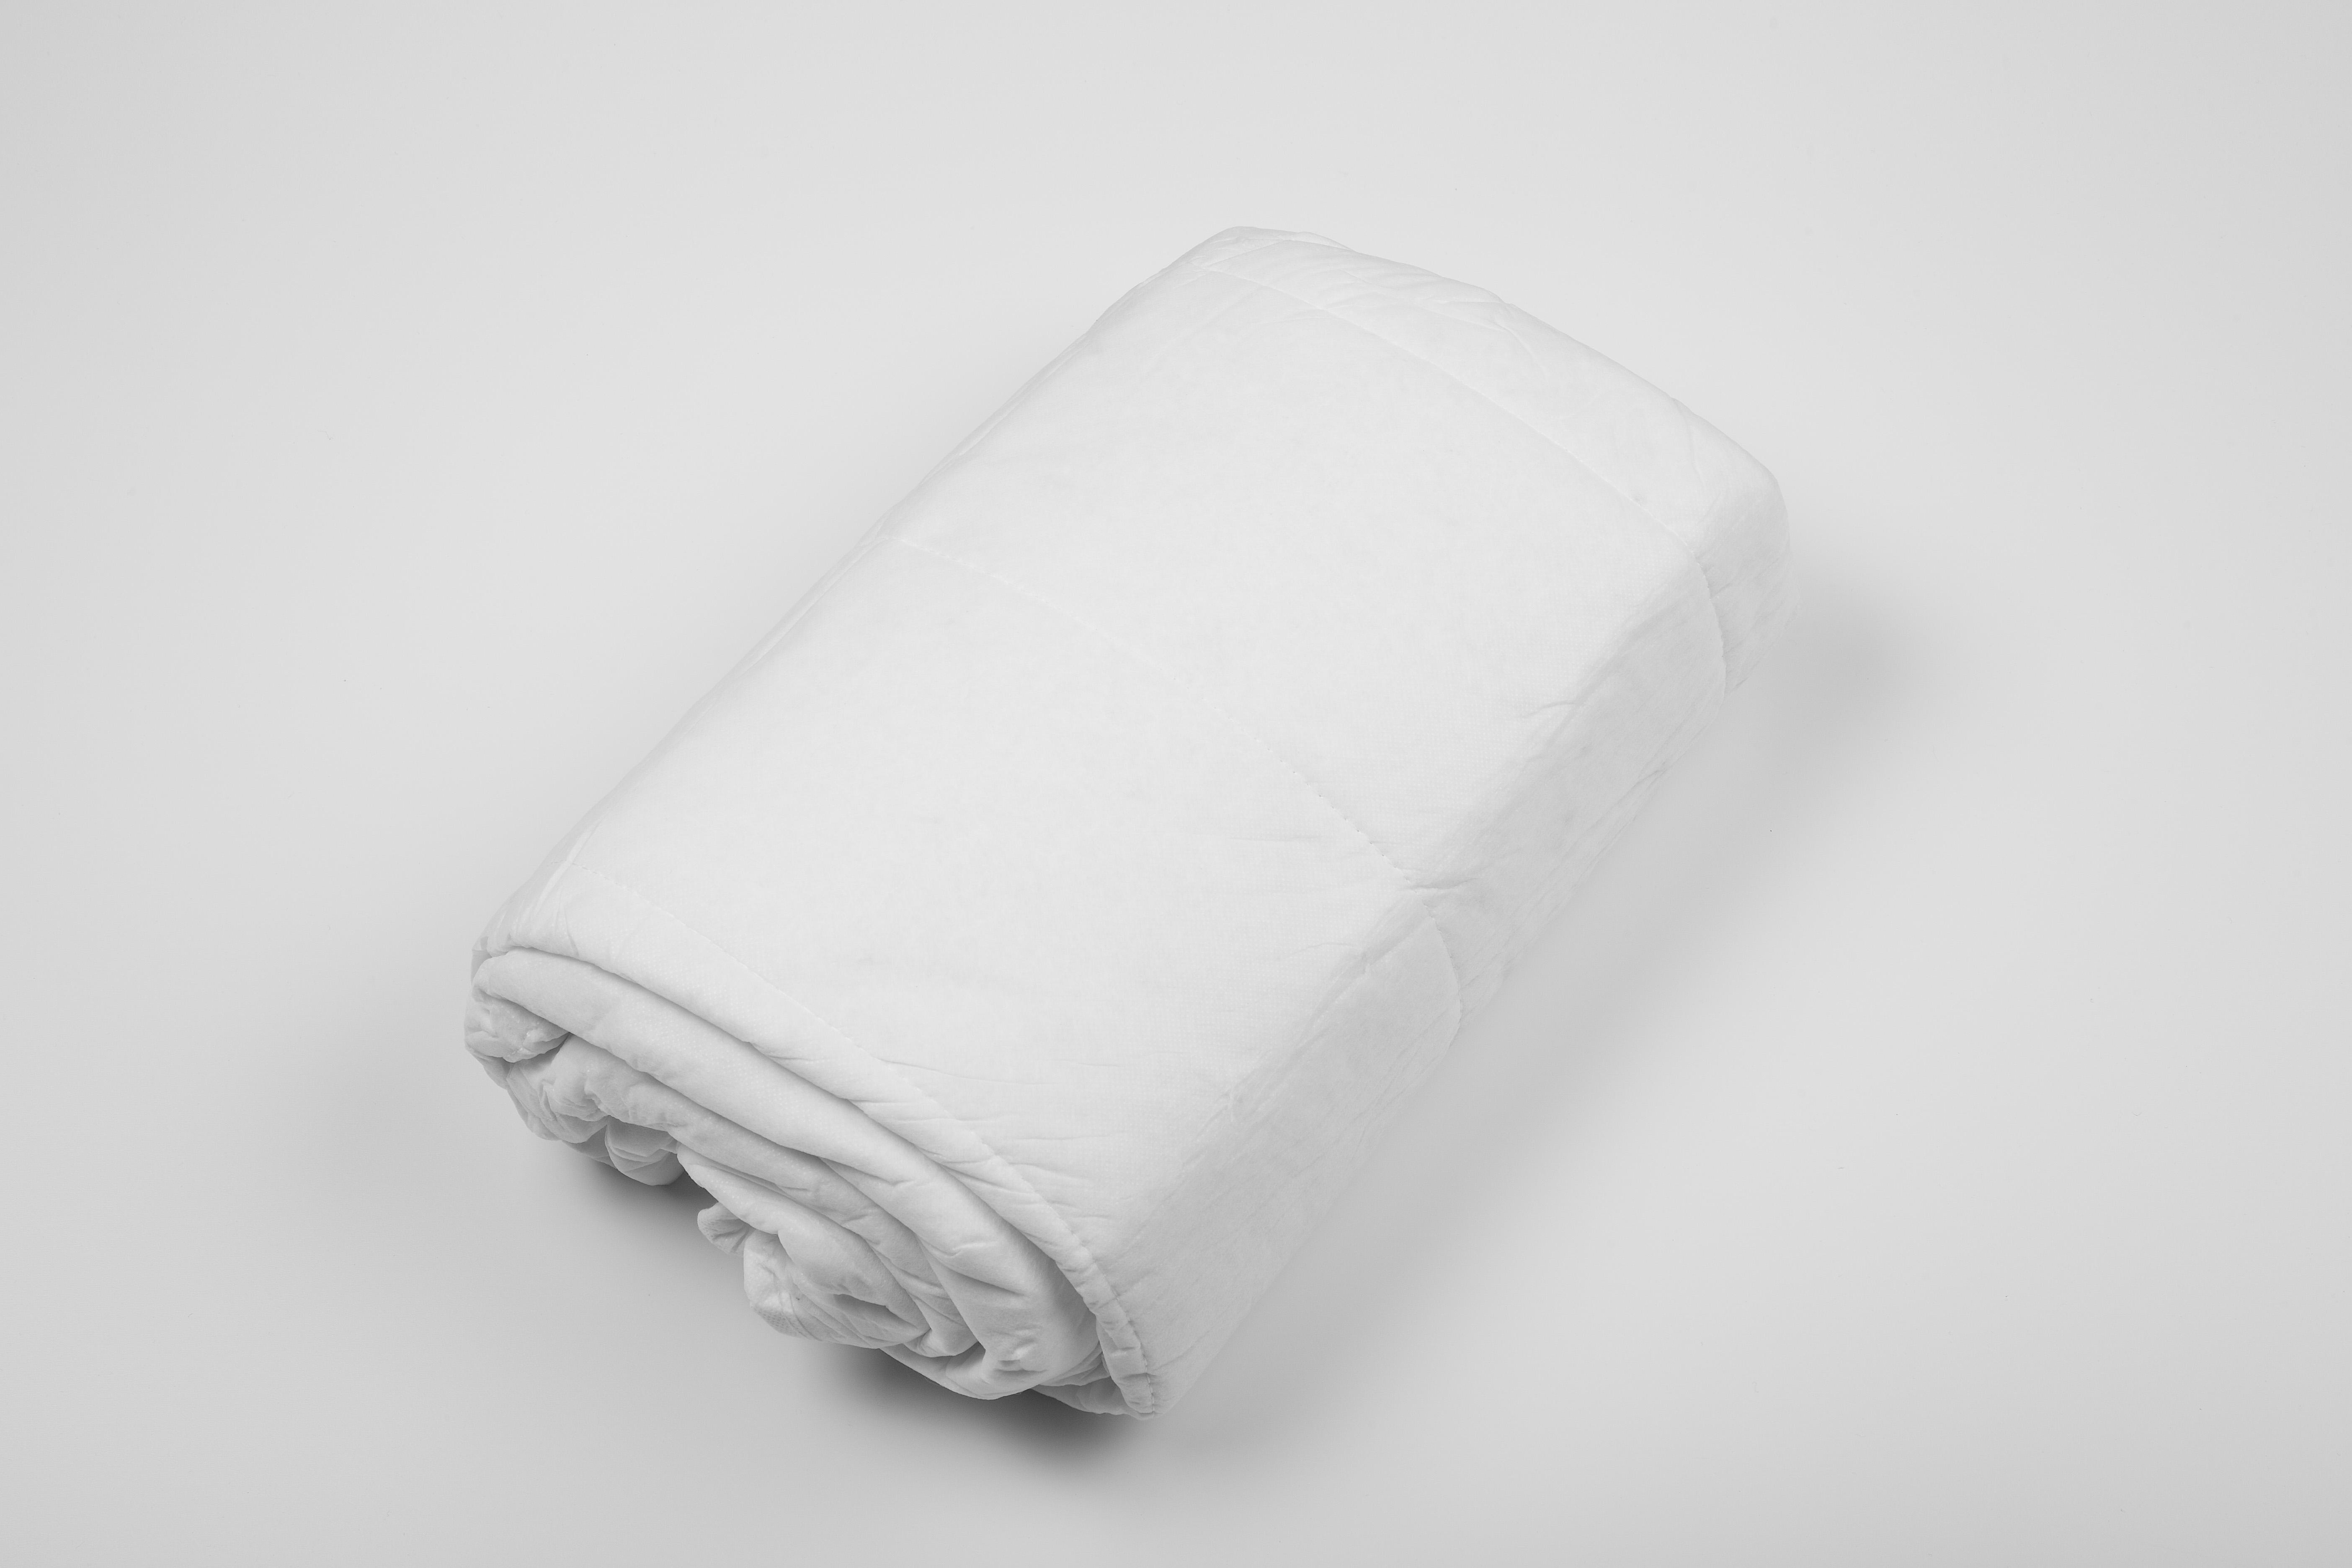 Einmaldecken, Polyesterwatte, weiß, 300g